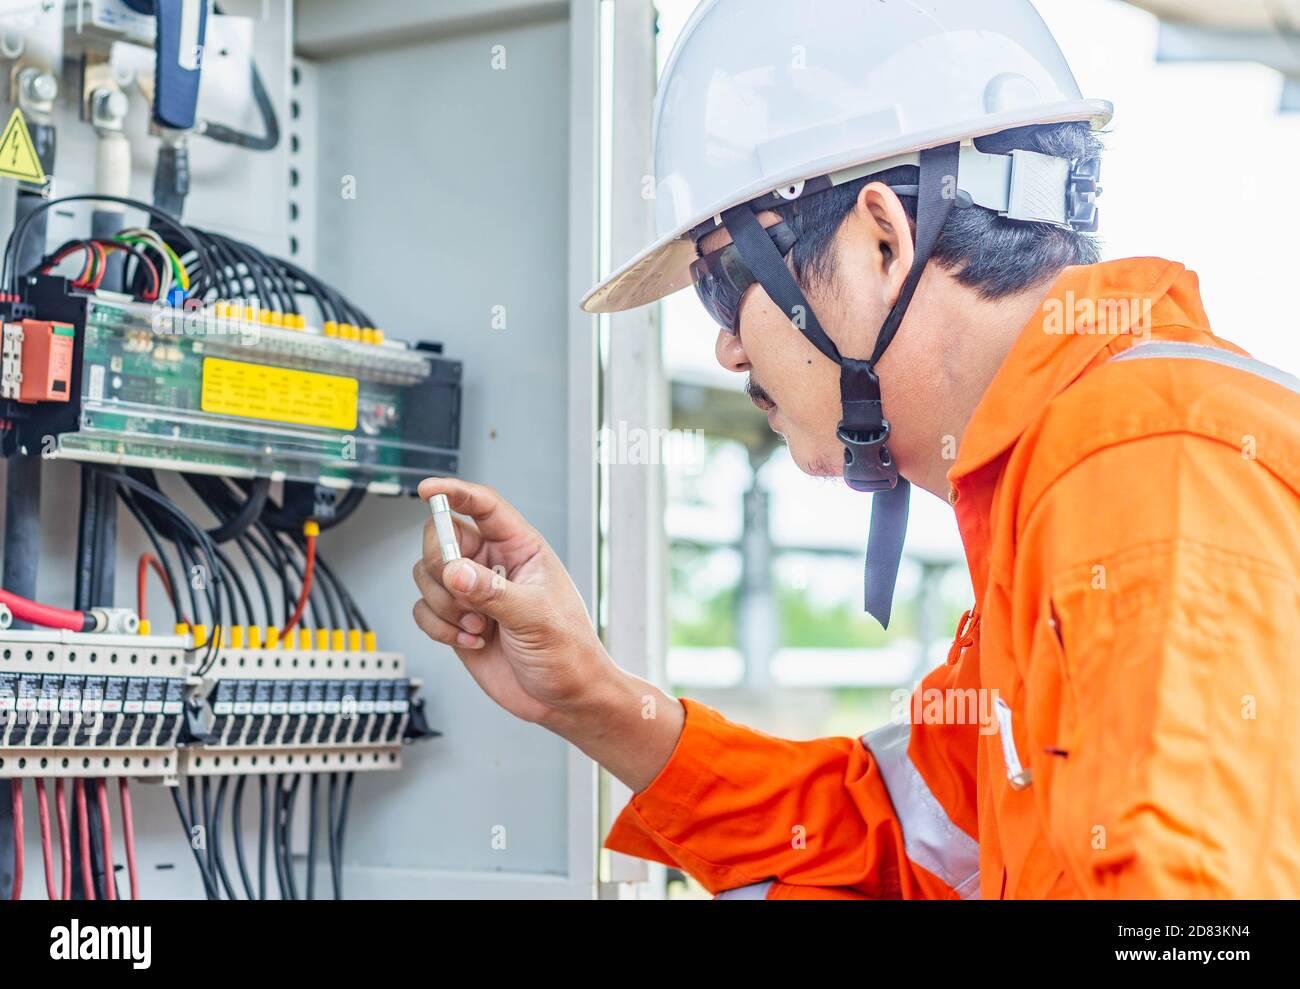 El ingeniero que comprueba el funcionamiento anormal del sistema de energía solar y encontró que hay una falta de fusible de CC, dando como resultado una capacidad reducida, profesional e Foto de stock